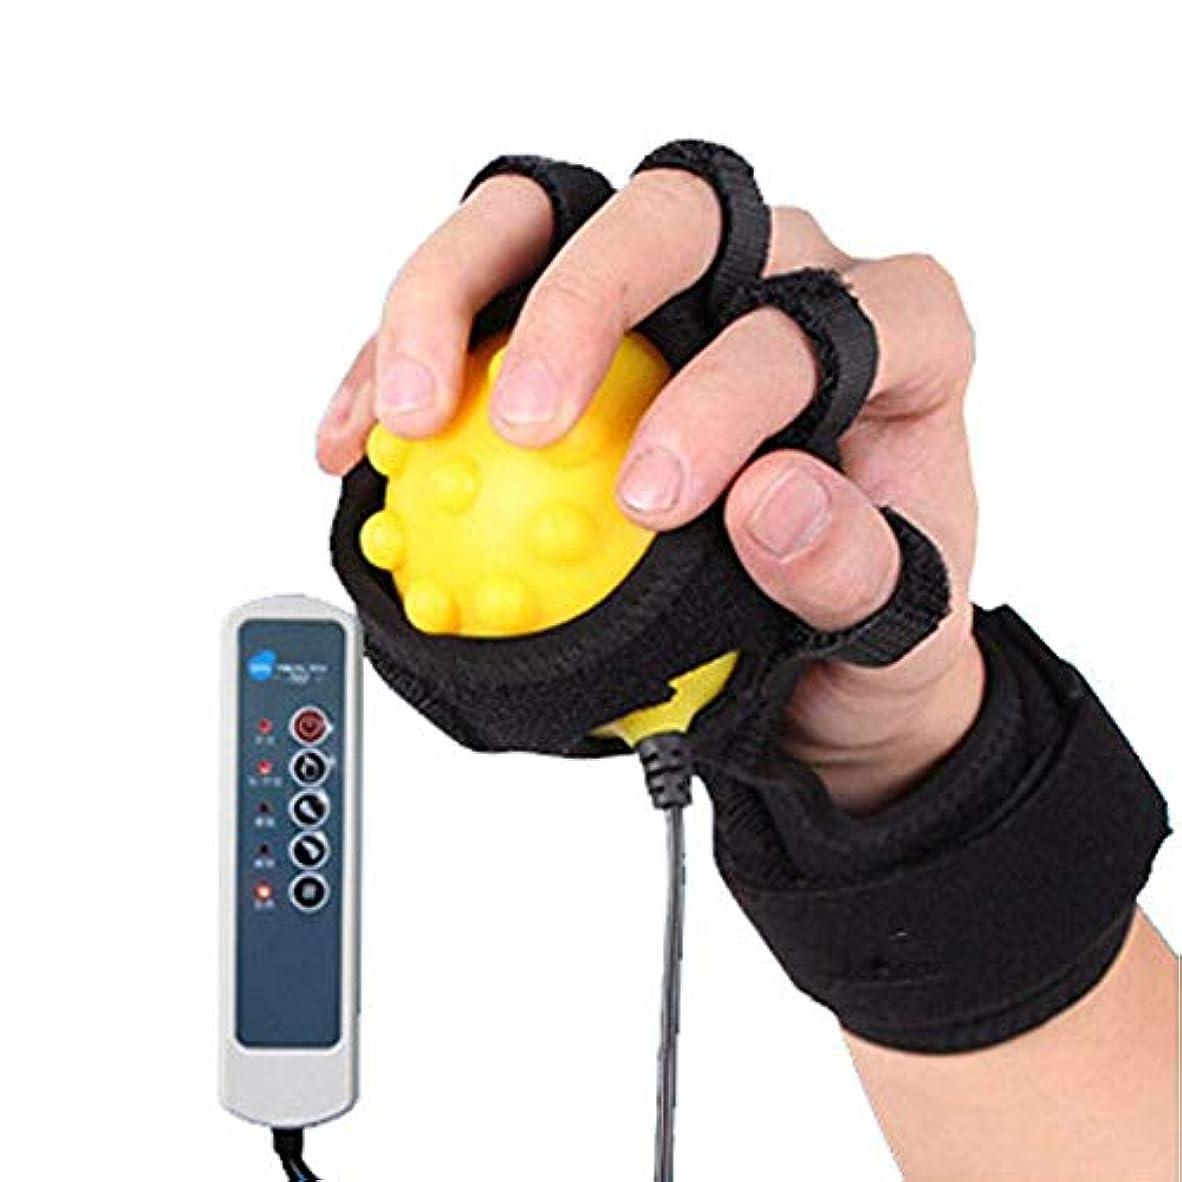 装置絶えずレモン指回復マッサージ、脳卒中片麻痺リハビリトレーニング機器指板指リハビリトレーニング機器